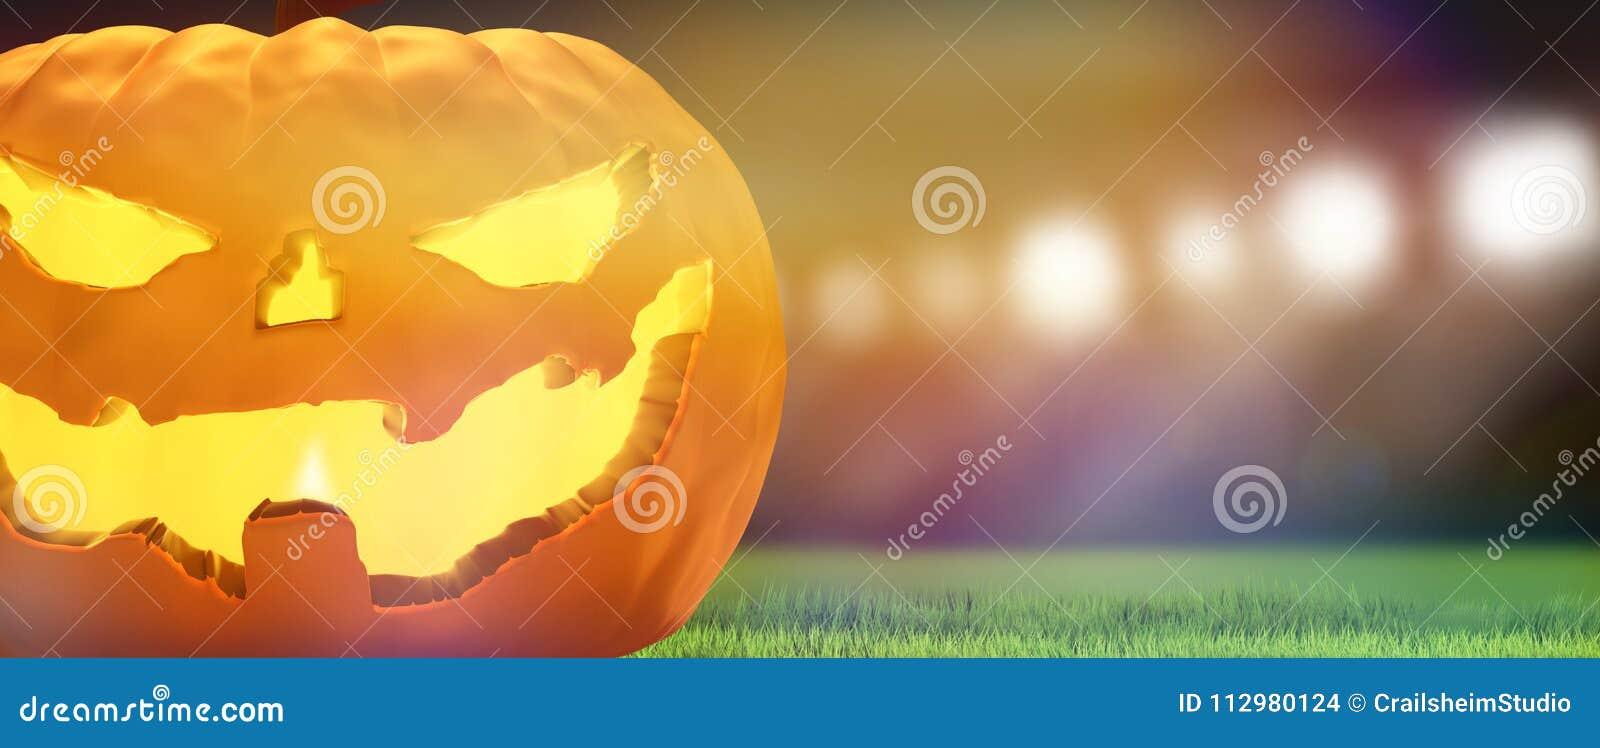 Halloween pumpkin 3d rendering background